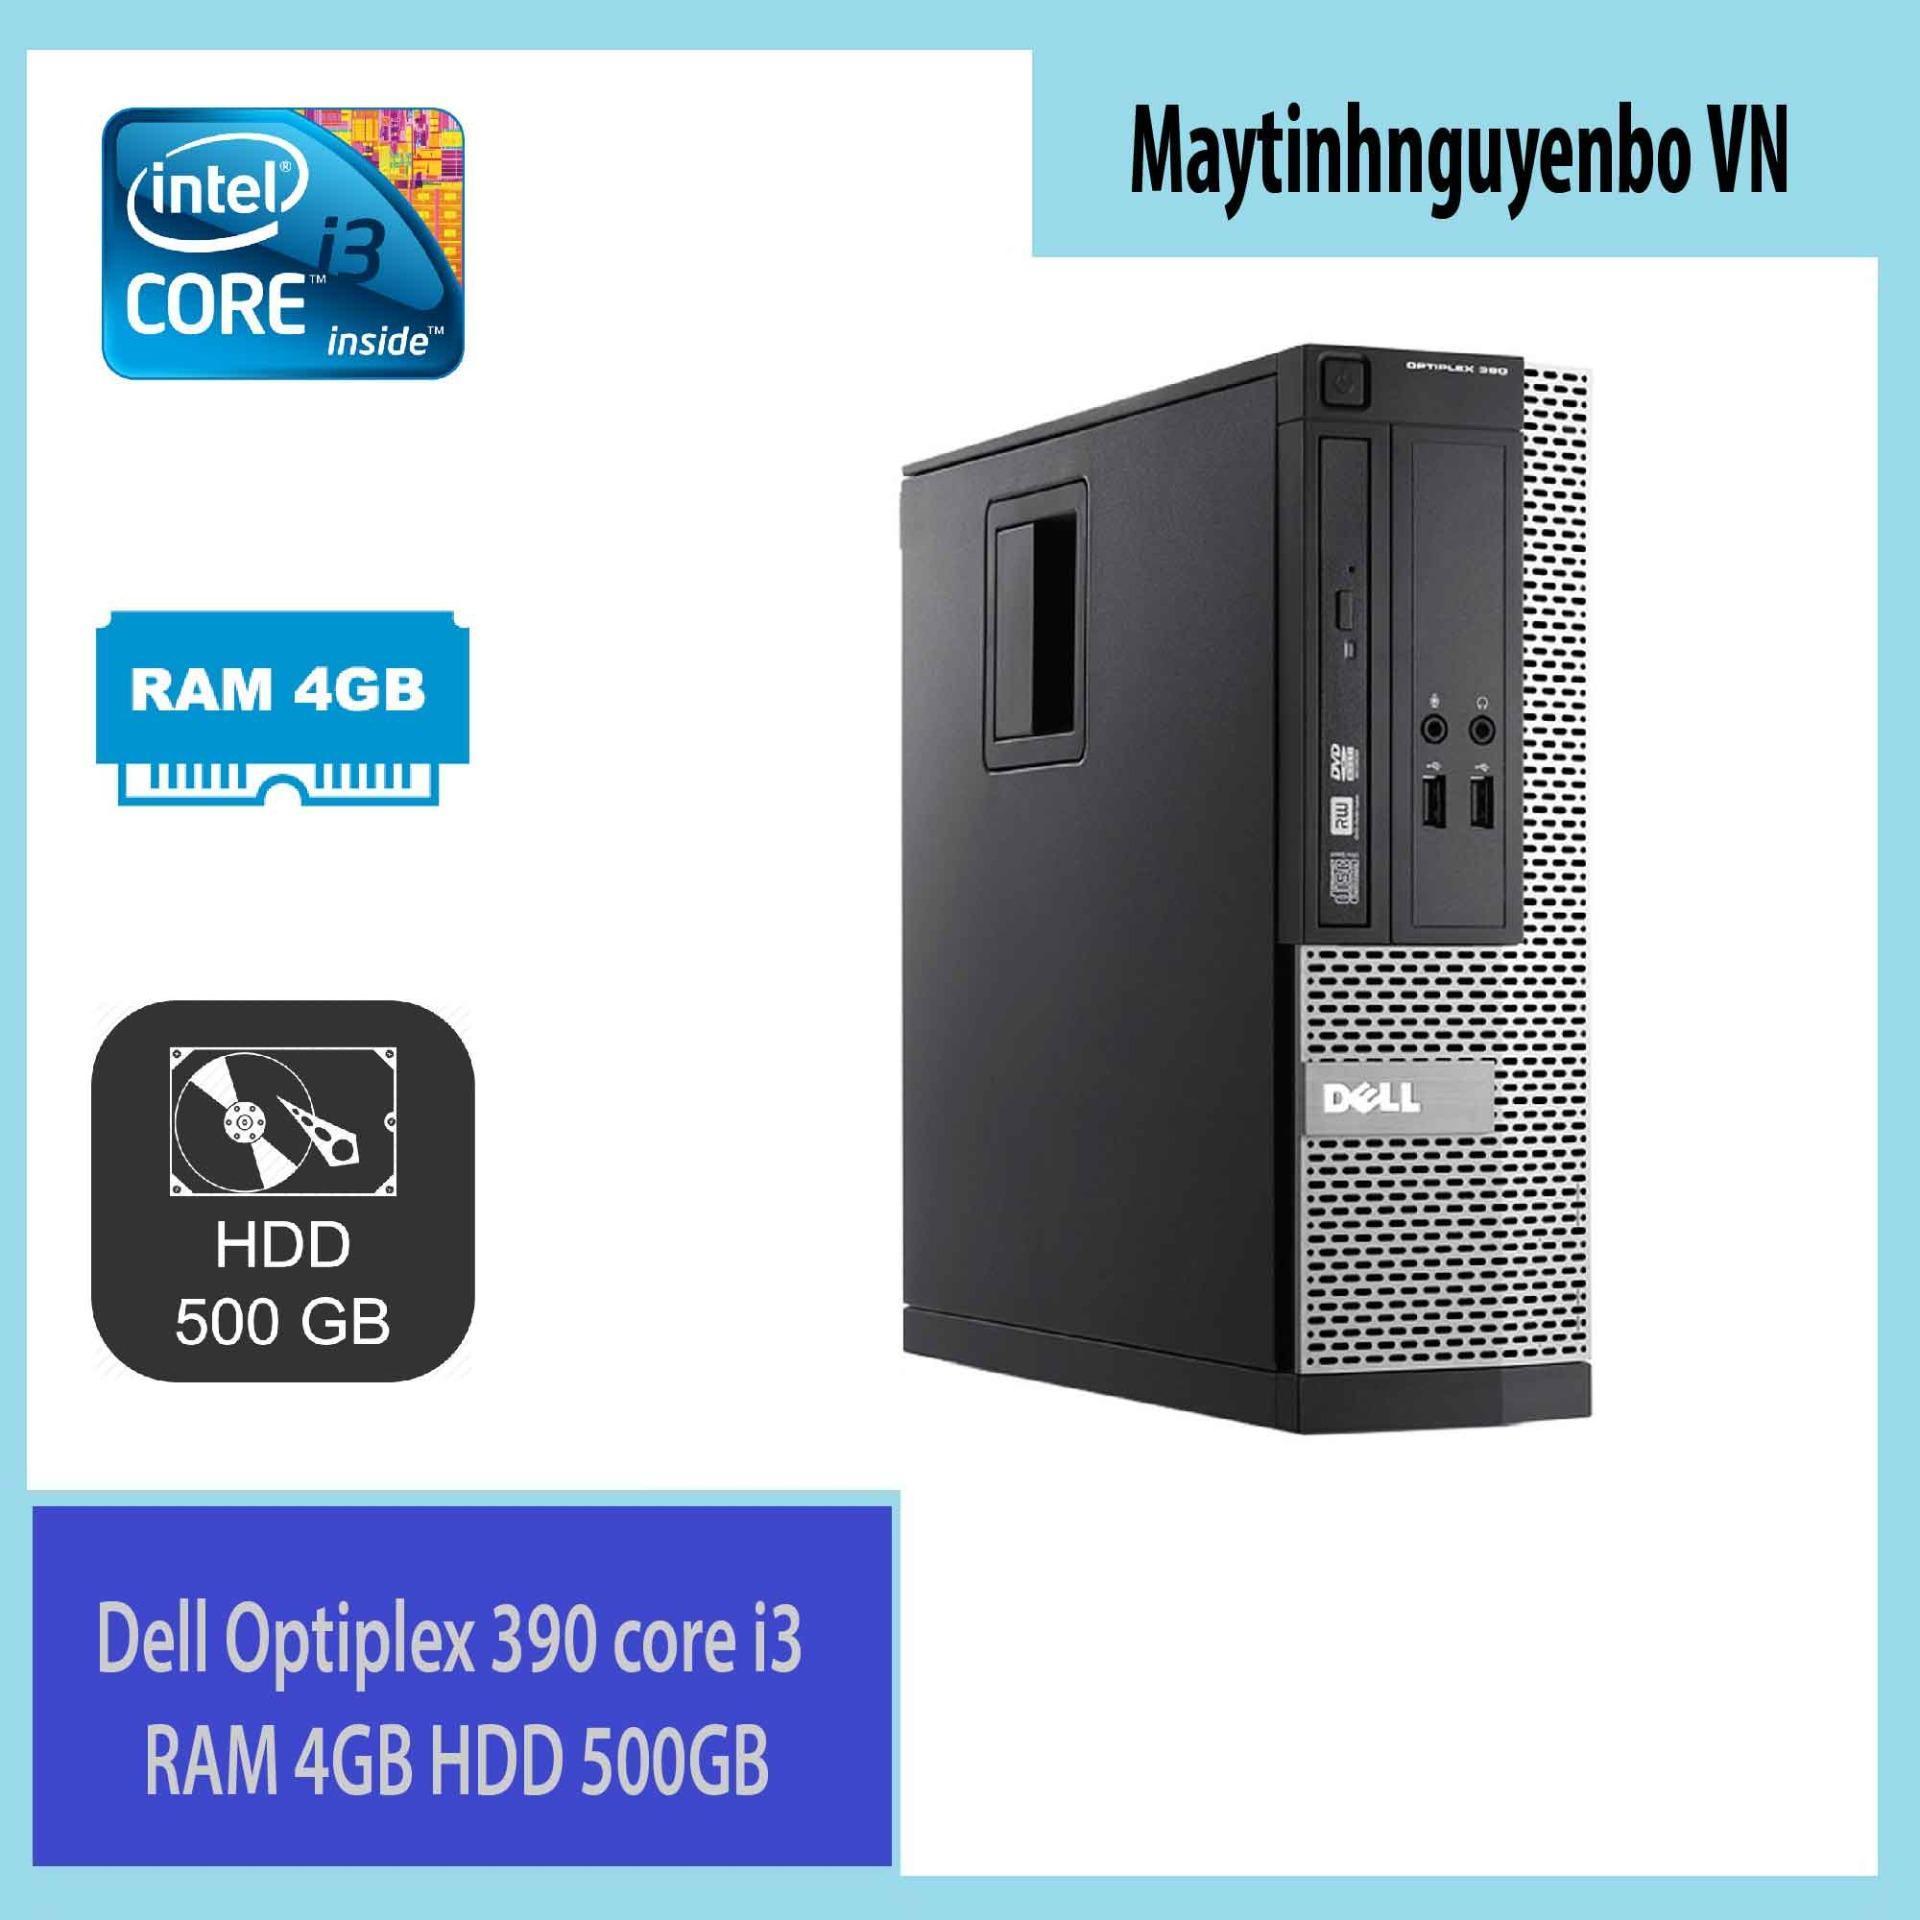 Máy tính đồng bộ Dell Optiplex 390 core i3 RAM 4GB HDD 500GB - Hàng Nhập Khẩu